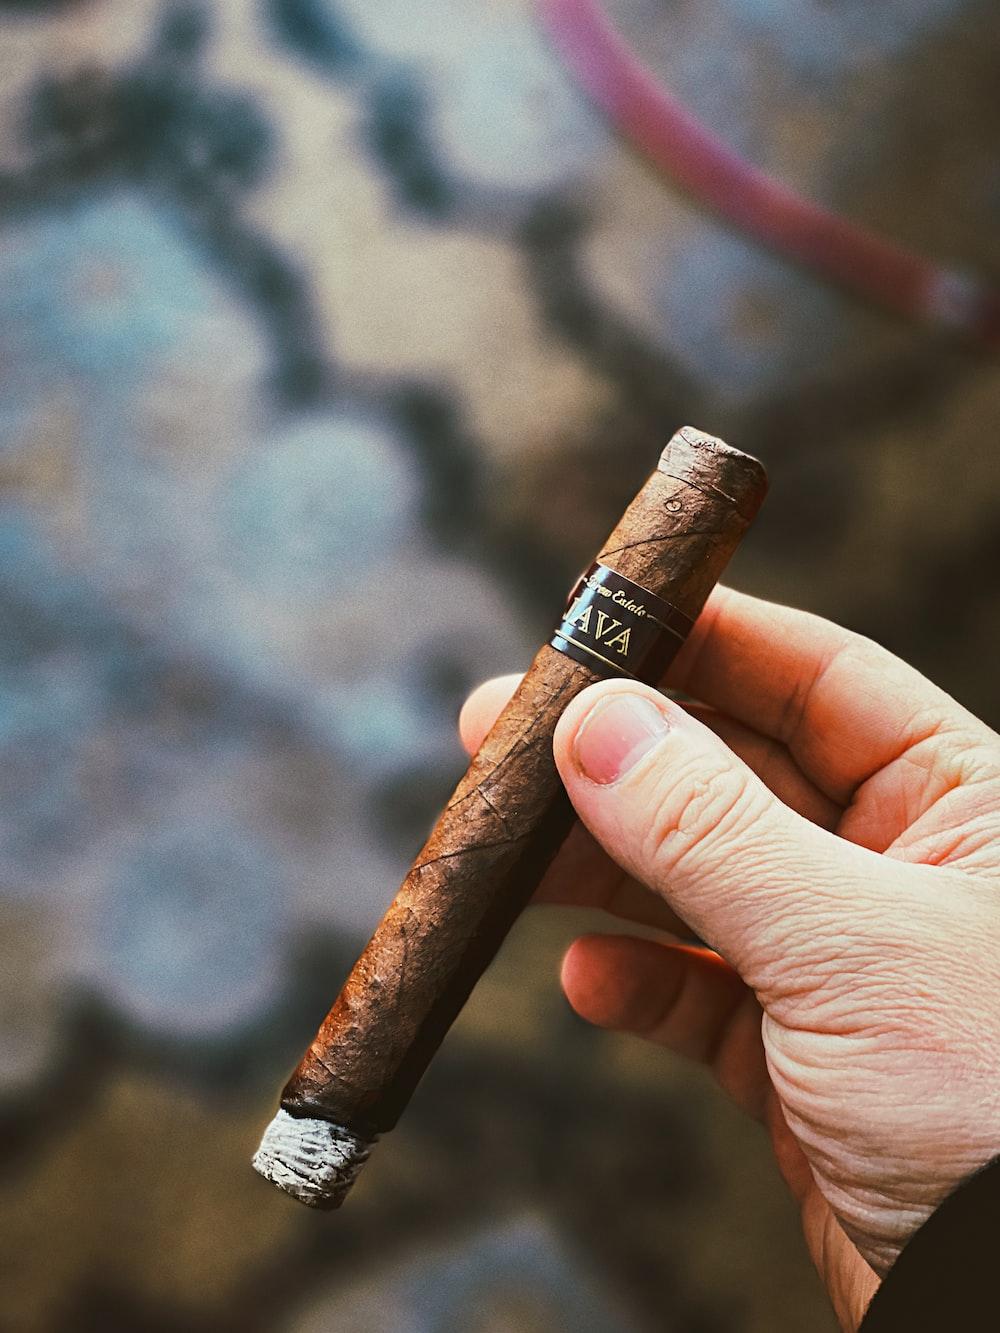 brown and black cigarette stick